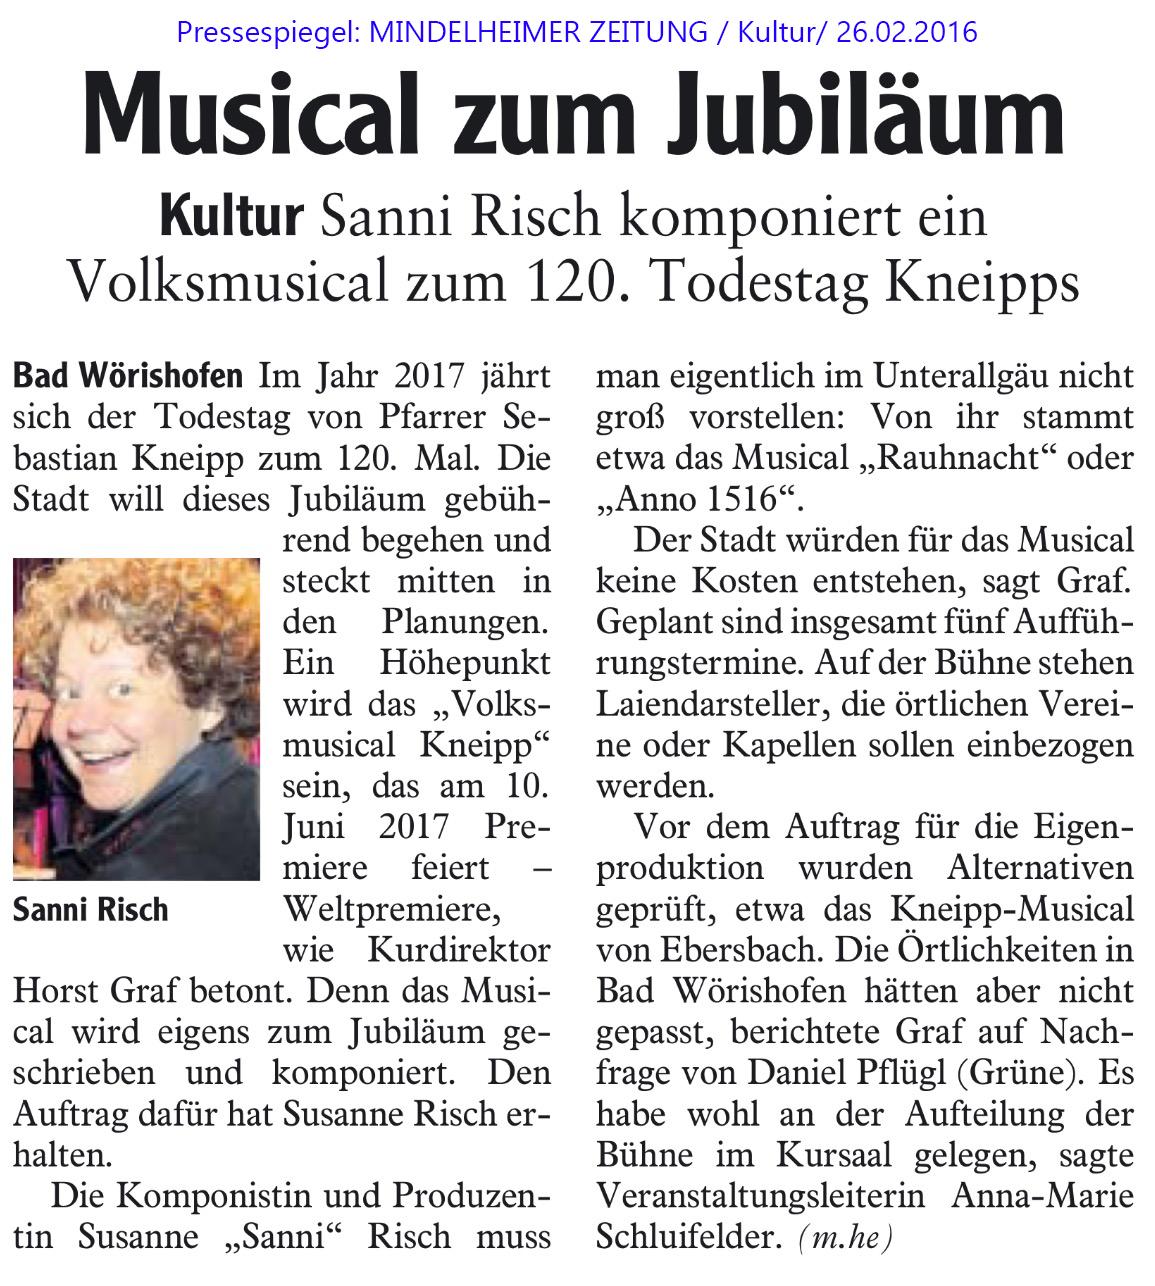 VolksMusical KNEIPP 2017 / Pressebericht Mindelheimer Zeitung 26.02.2016